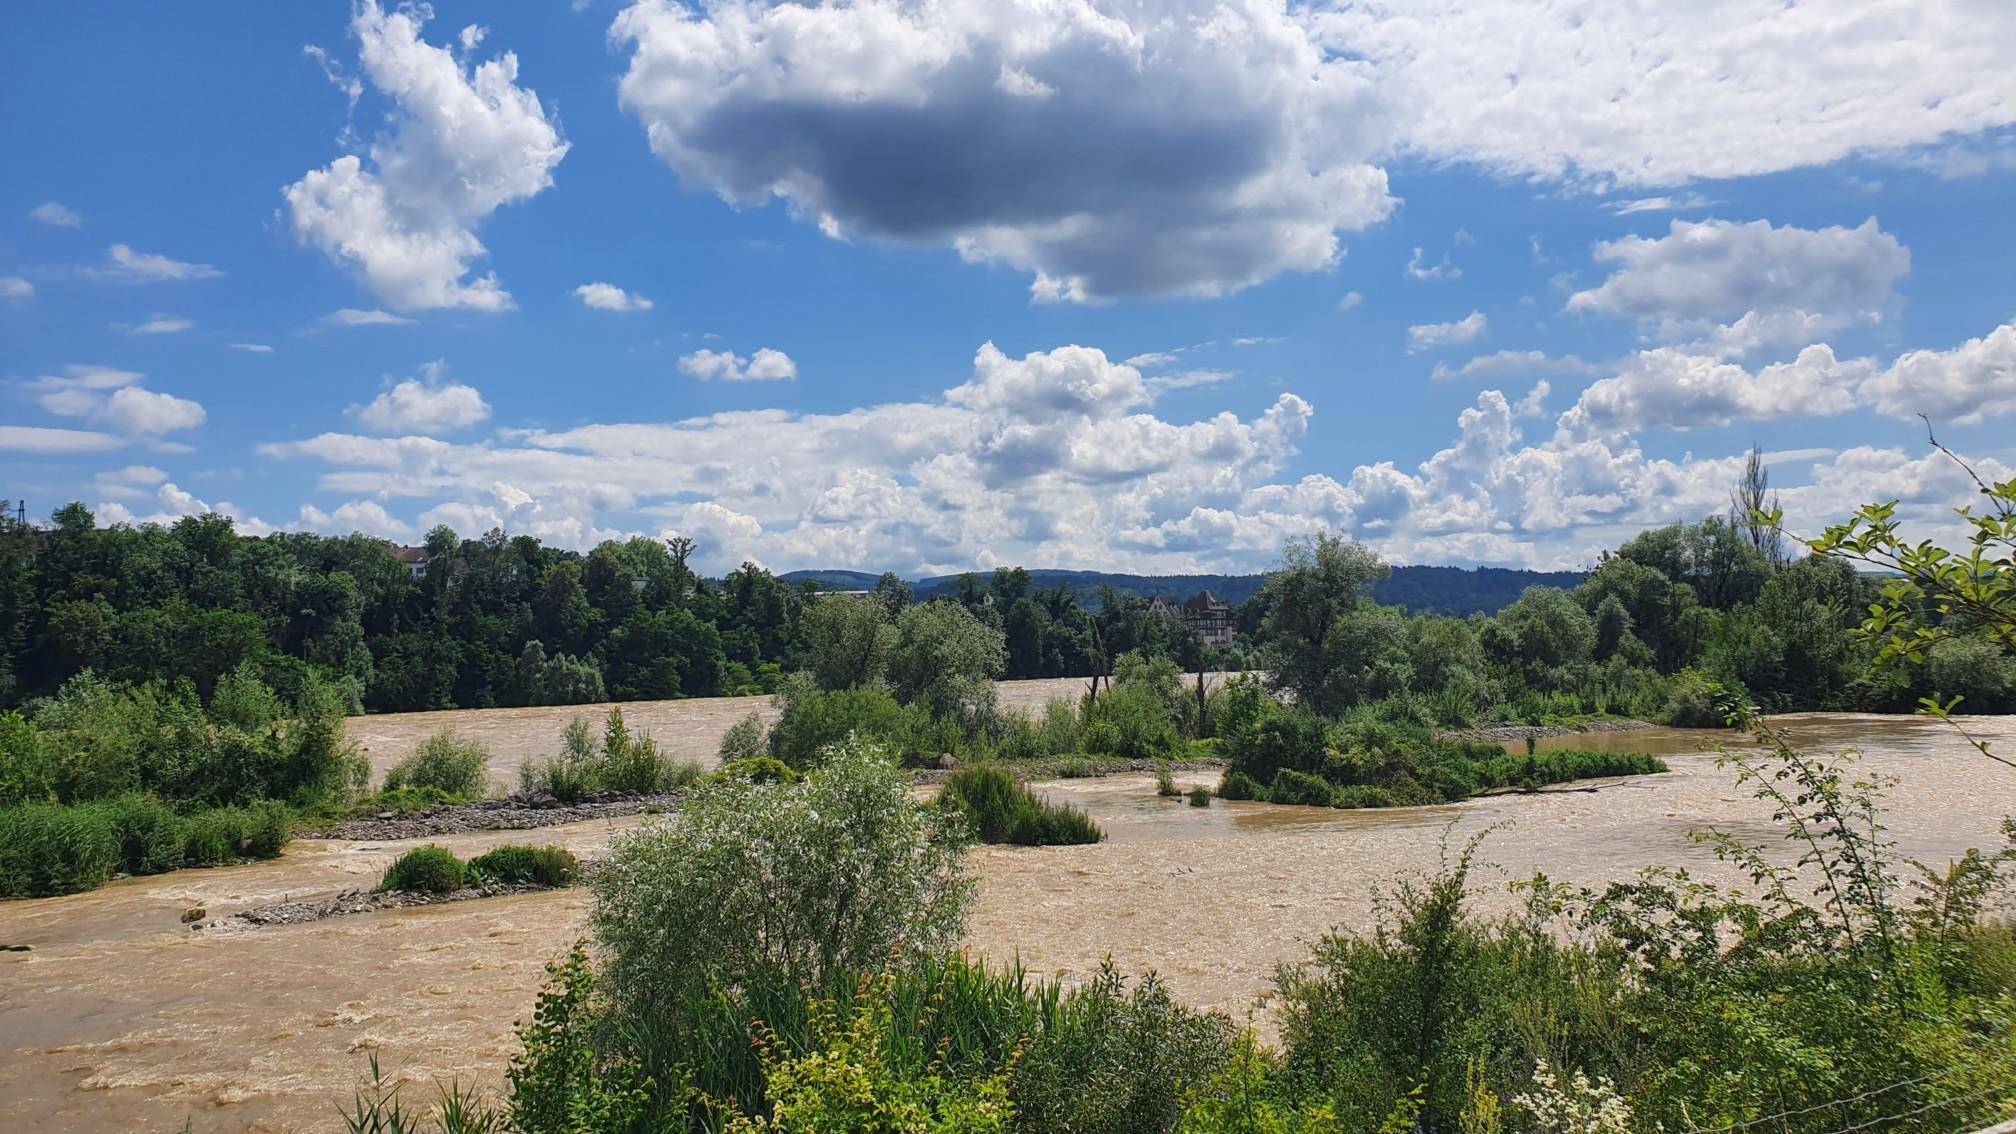 Hochwasser am Rhein bei Rheinfelden